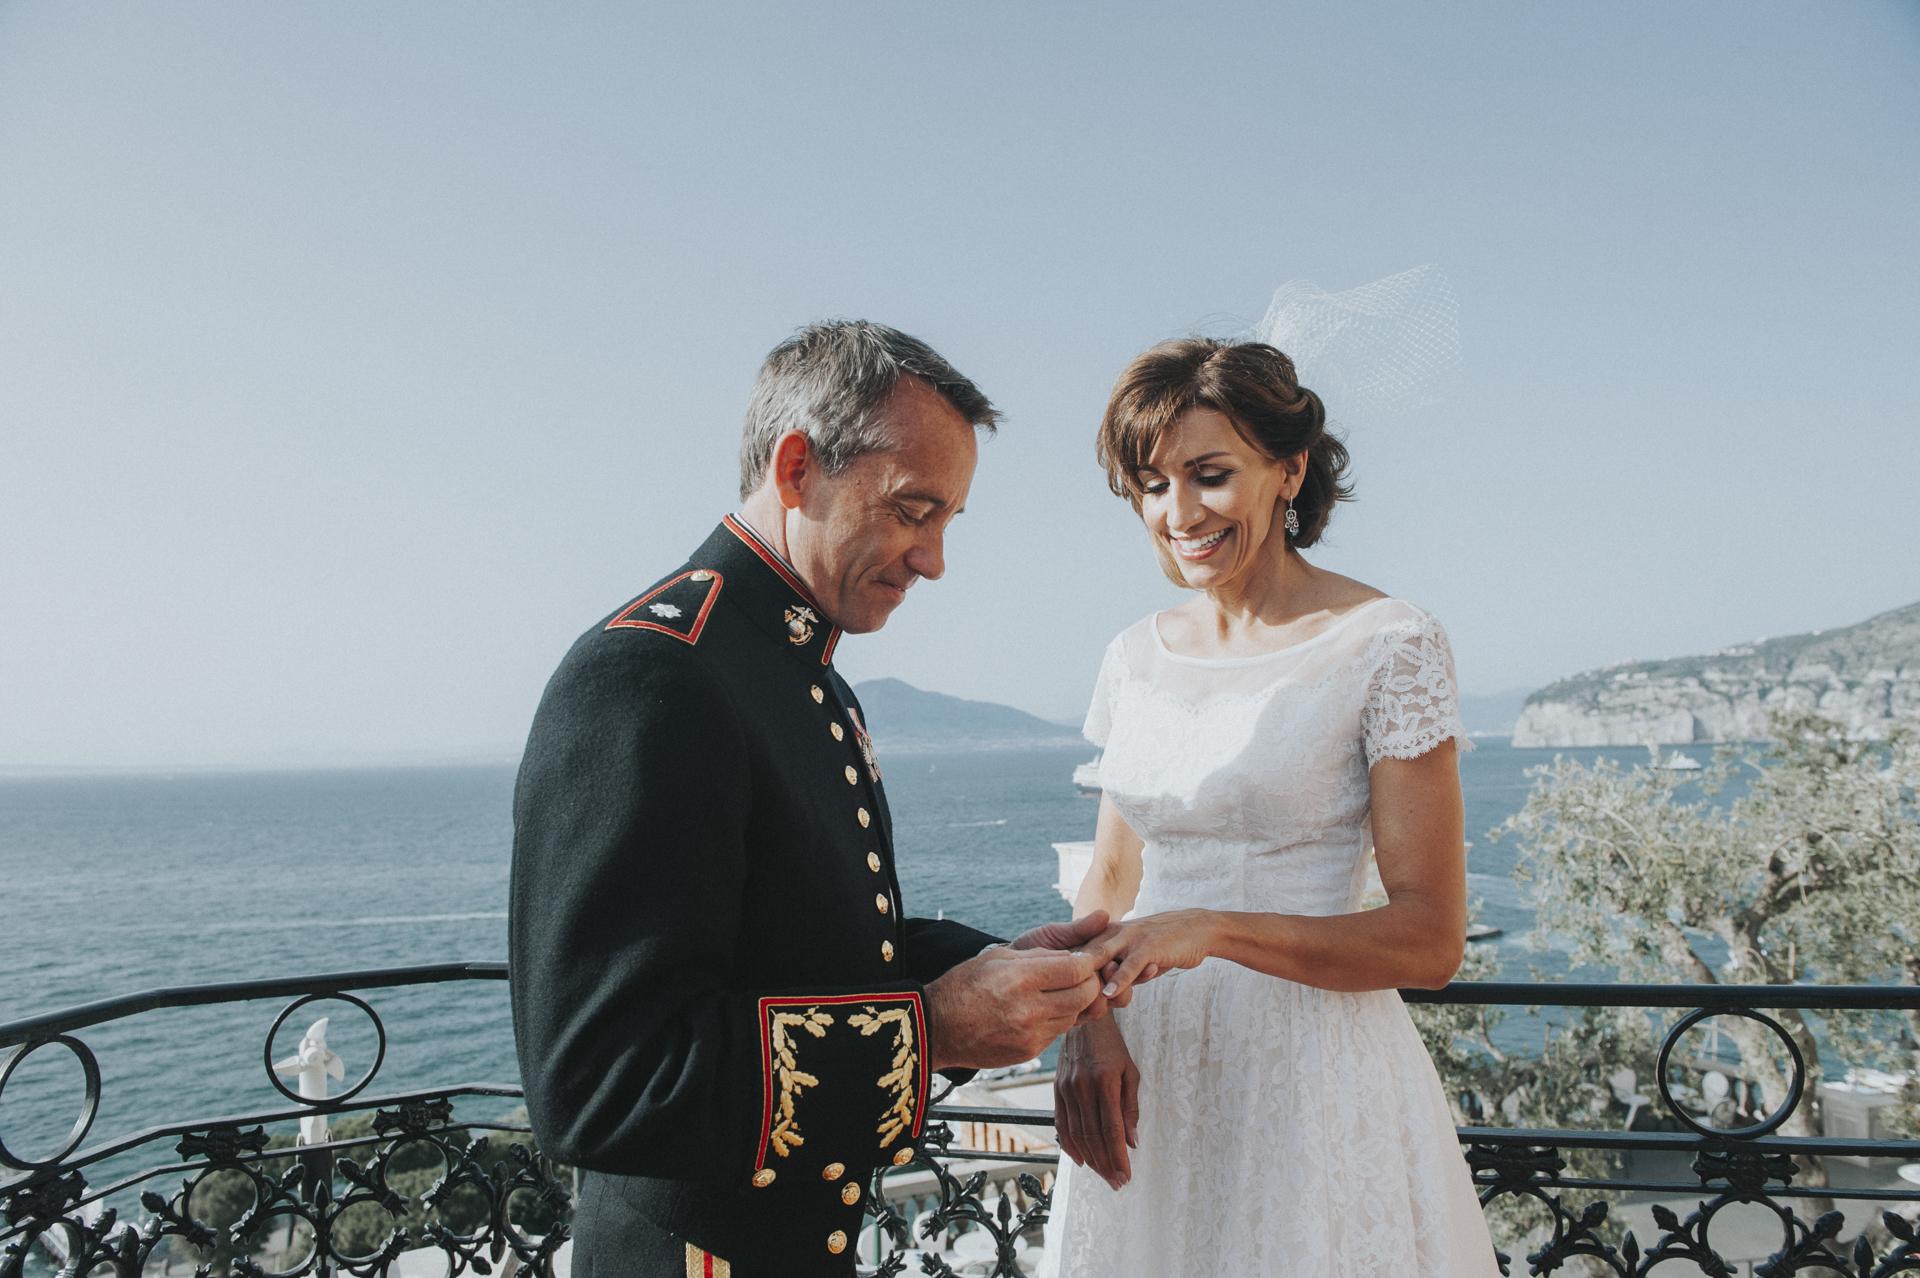 Después de la ceremonia de arena tuvieron el intercambio de anillos. El ritual civil ha sido realizado por un celebrante que incluye también pocas conferencias de poemas y pasajes muy conmovedores en el Hotel Vittoria, Sorrento, Costa de Amalfi, Italia.